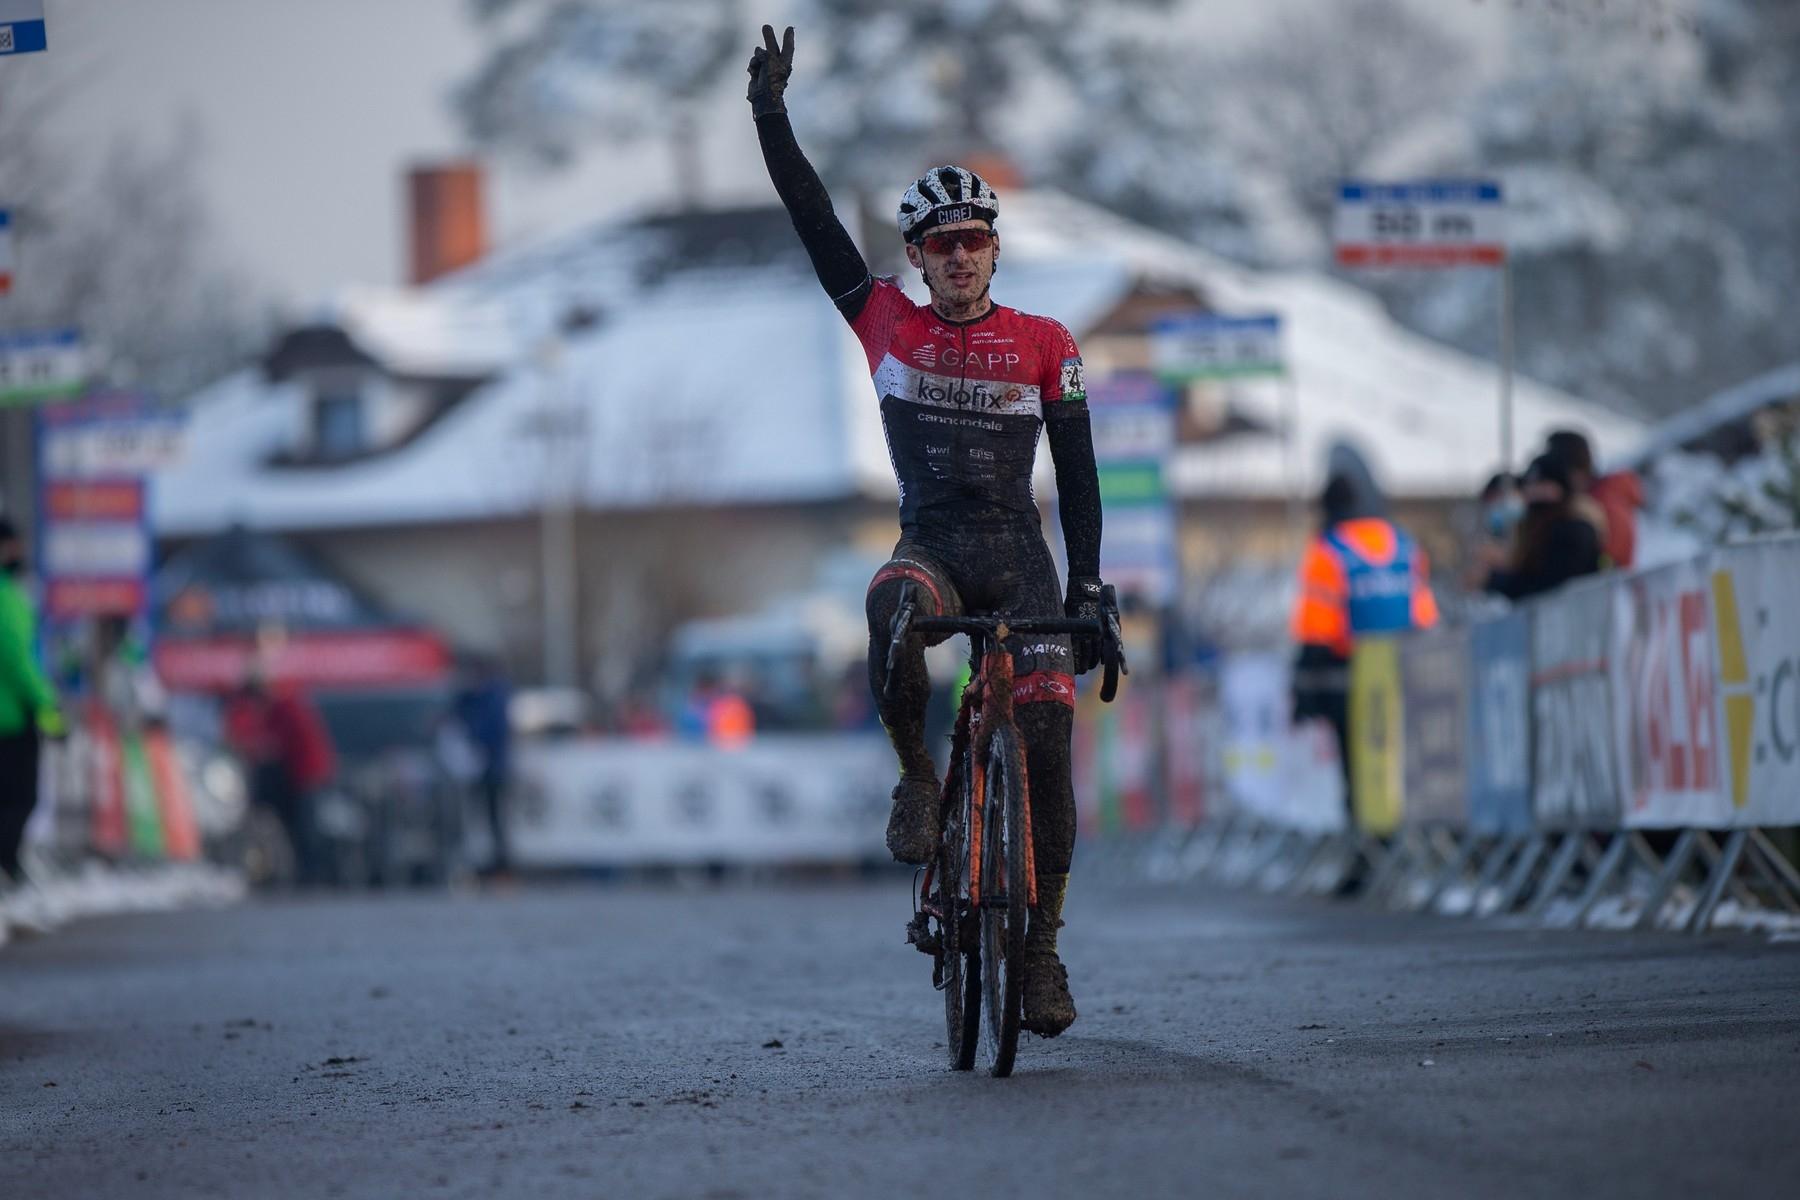 Tomáš Paprstka na českém šampionátu v cyklokrosu 2021. Foto Michal Sváček/Mafra/profimedia